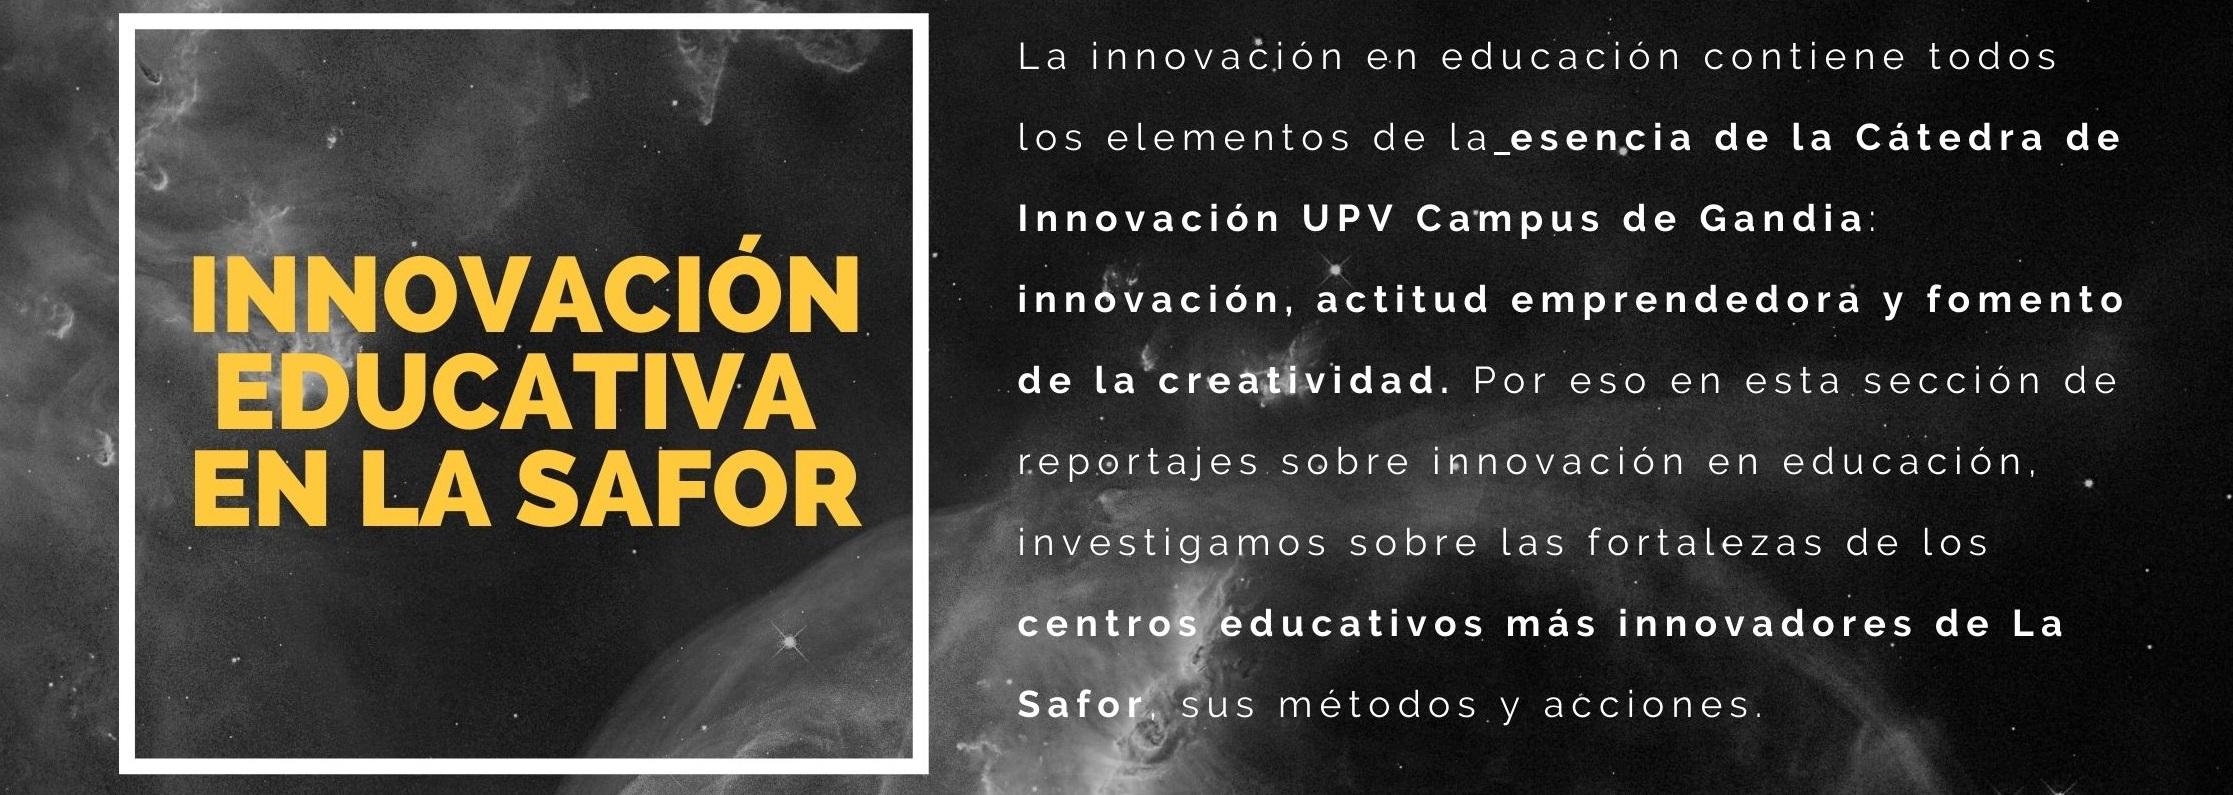 INNOVACIÓN EDUCATIVA EN LA SAFOR